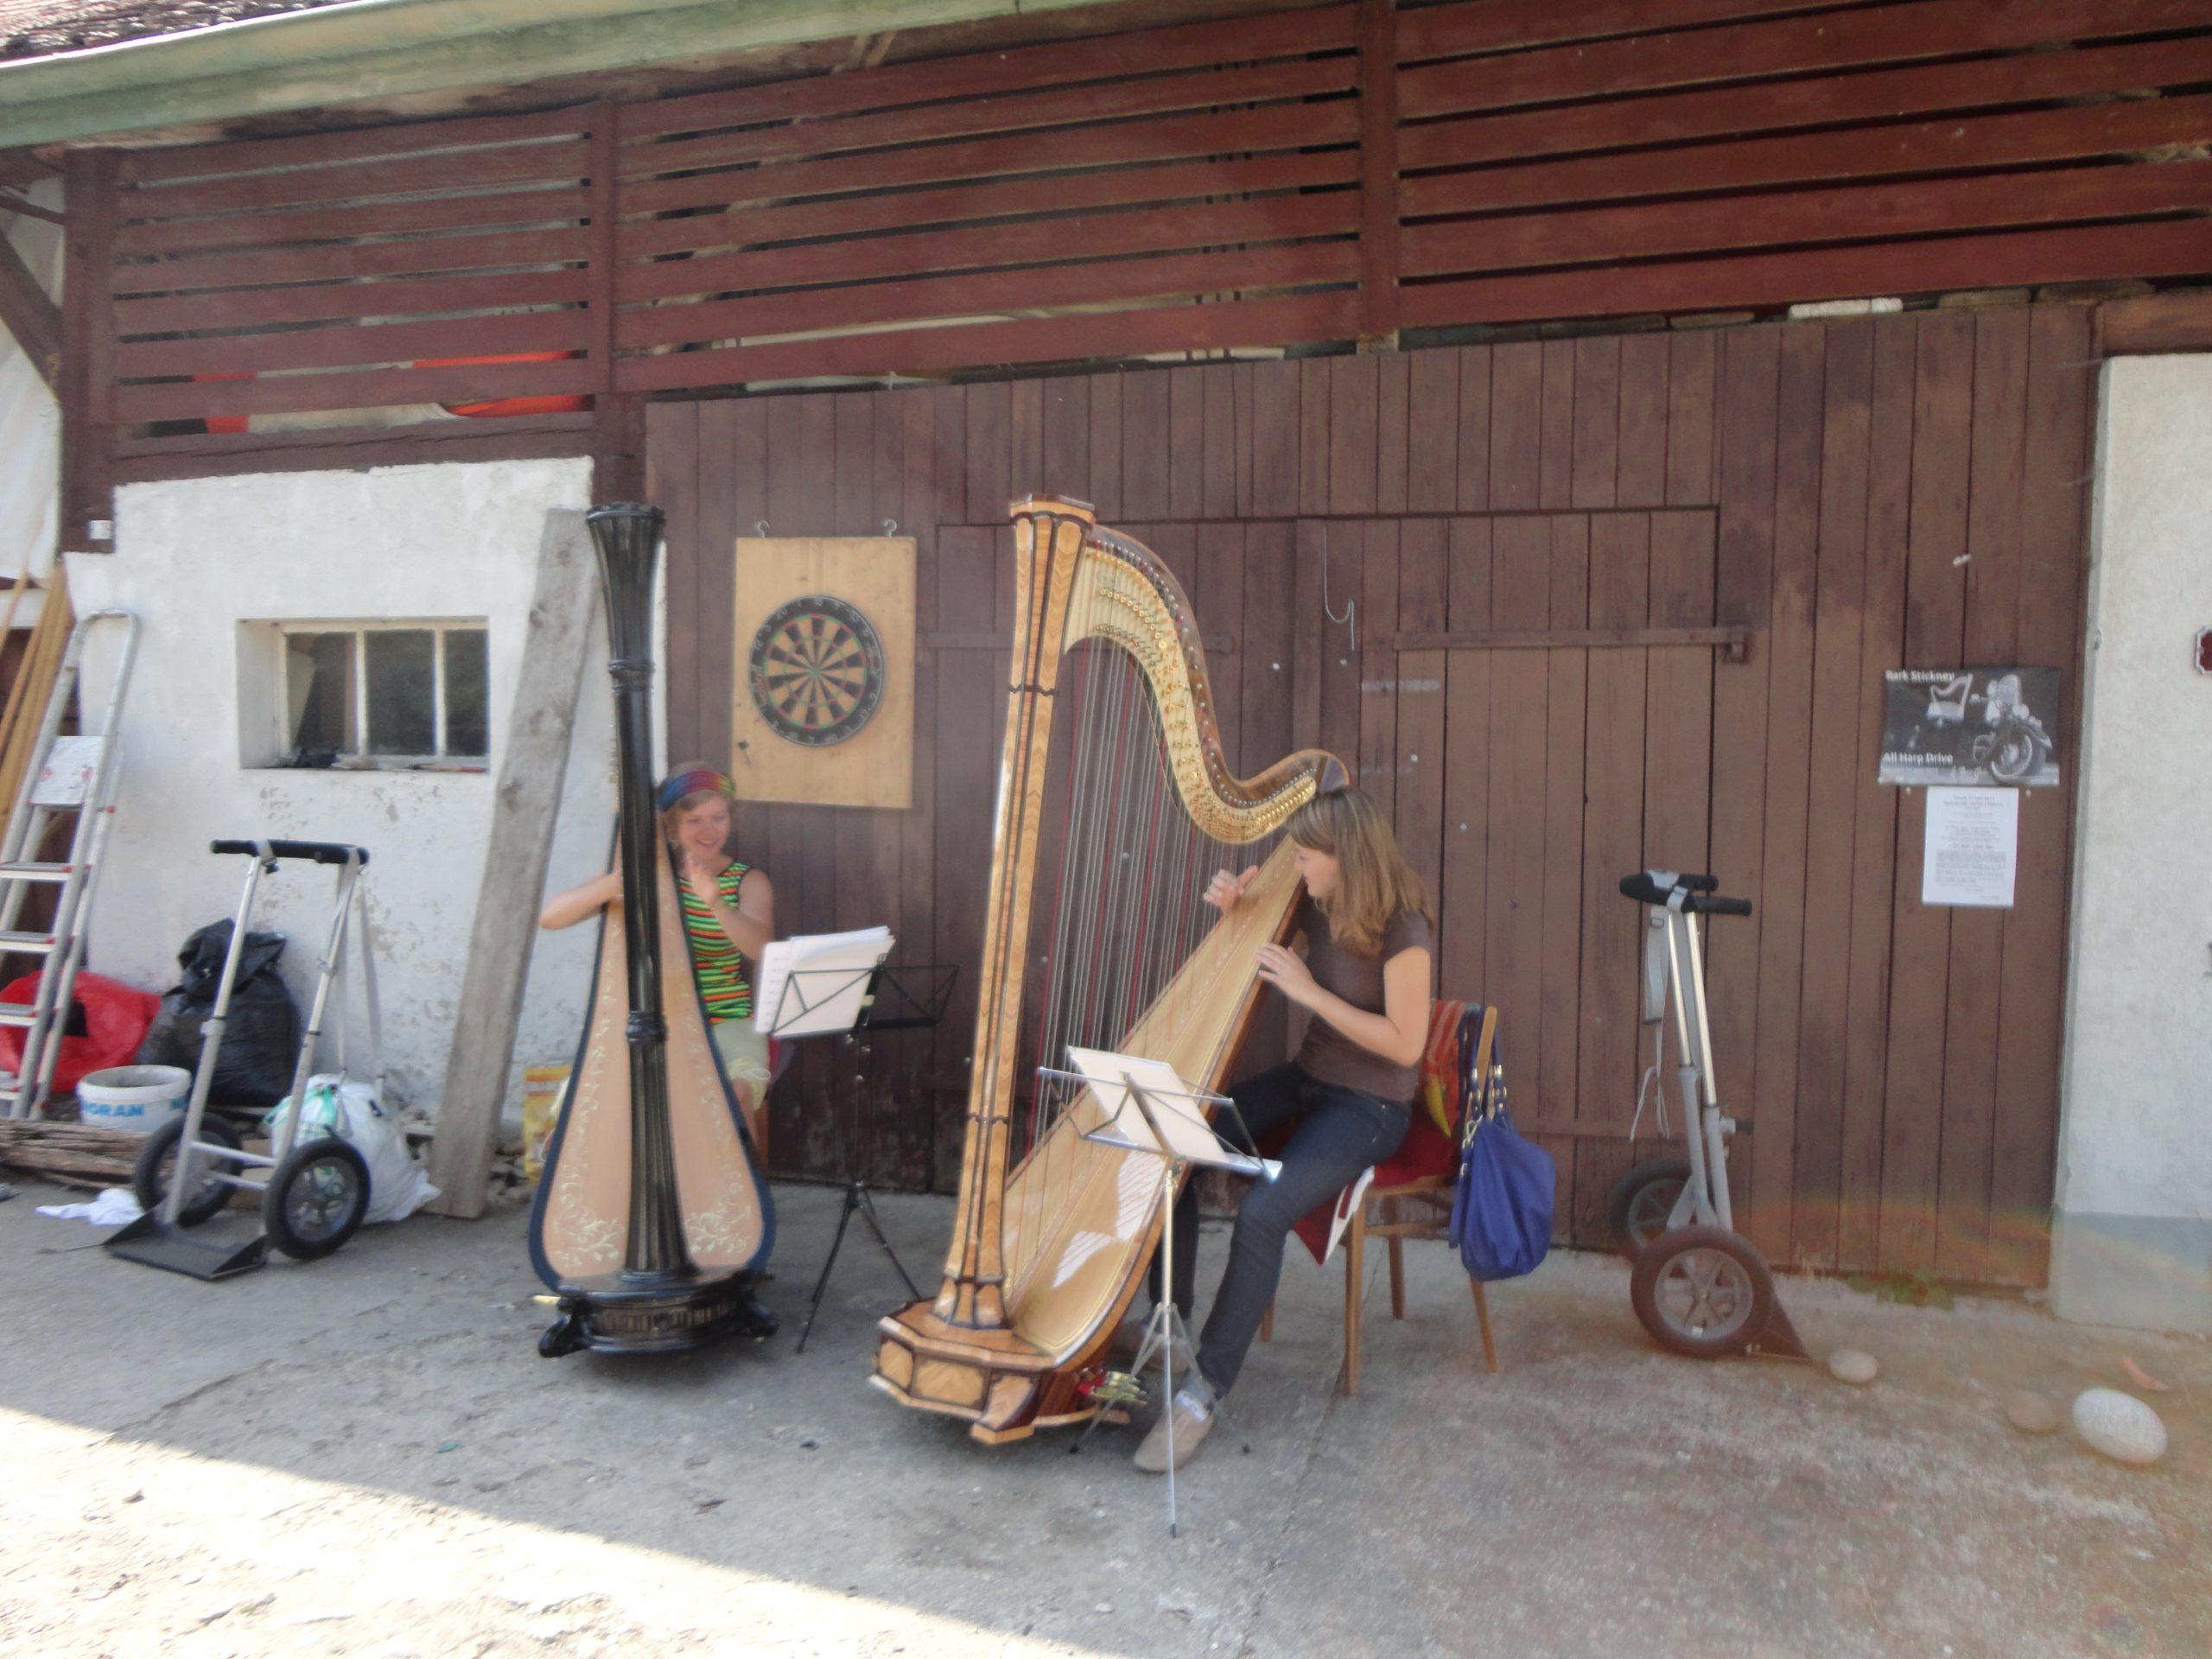 duo practice